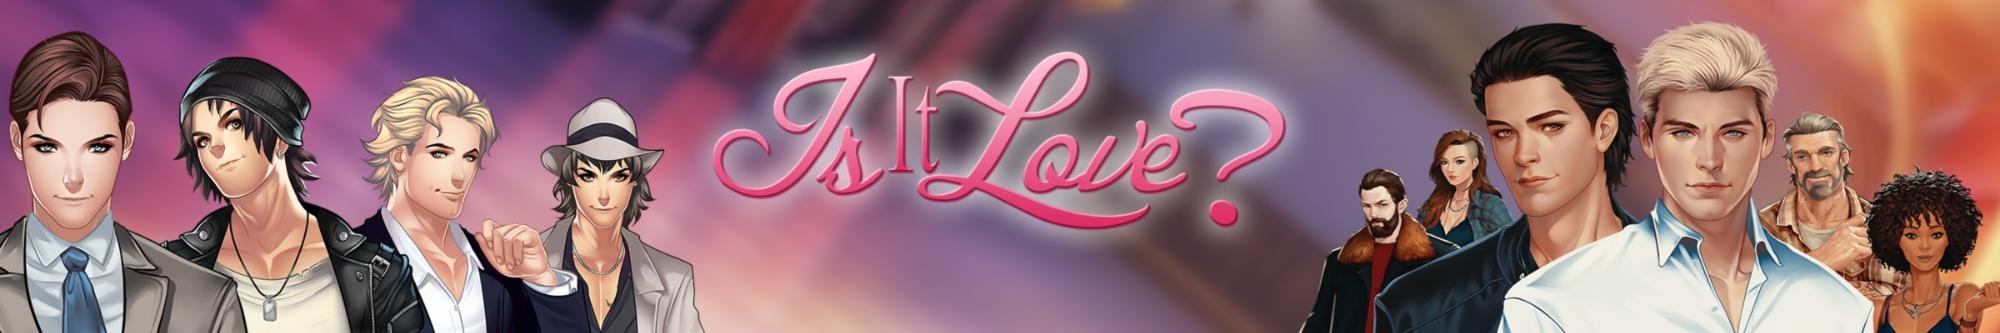 Showroom - Is It Love